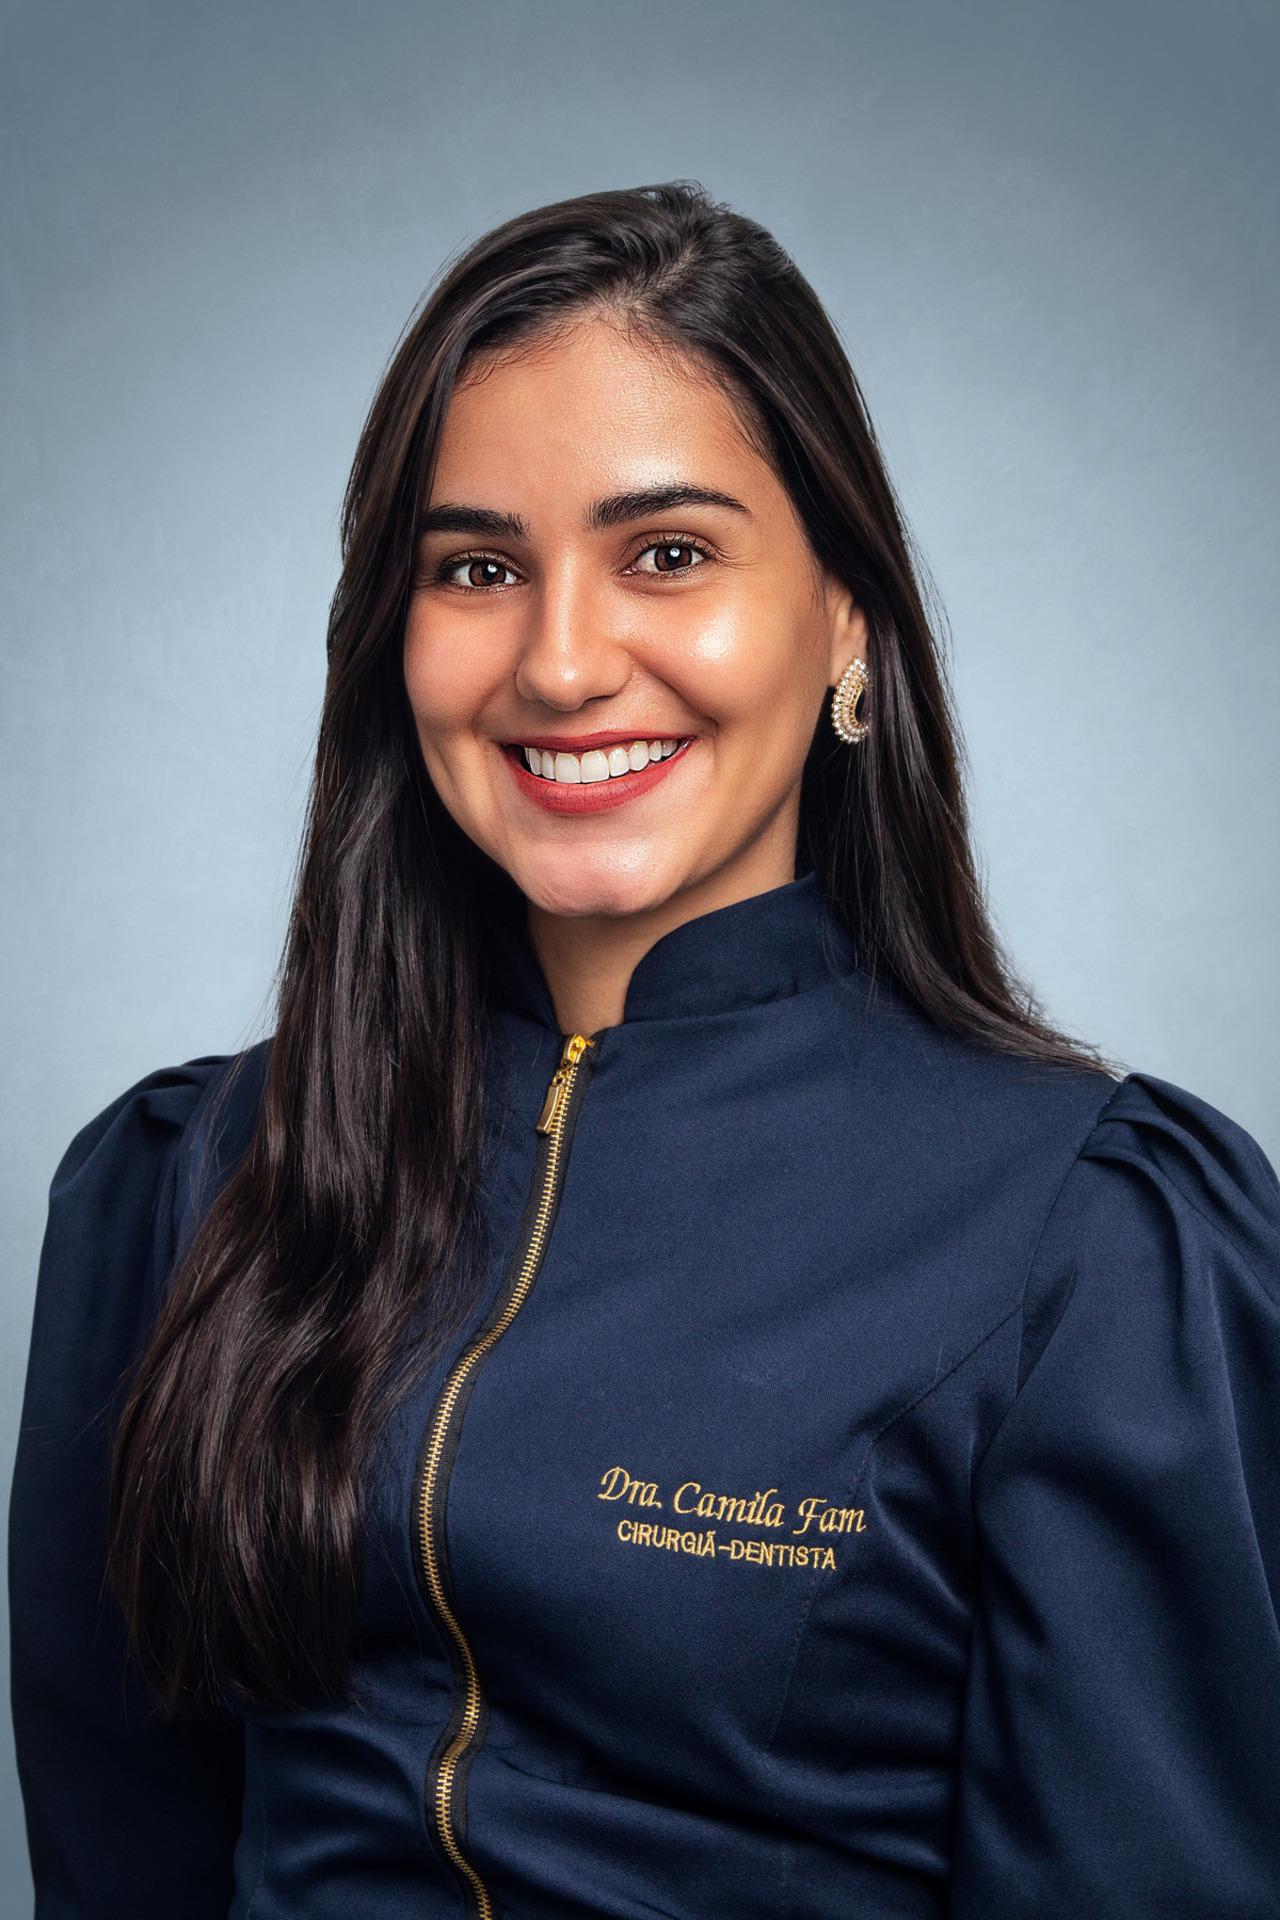 Dra. Camila Fam | Cirurgiã Dentista | Retrato Corporativo em Salvador | Icaro Cerqueira Fotografia